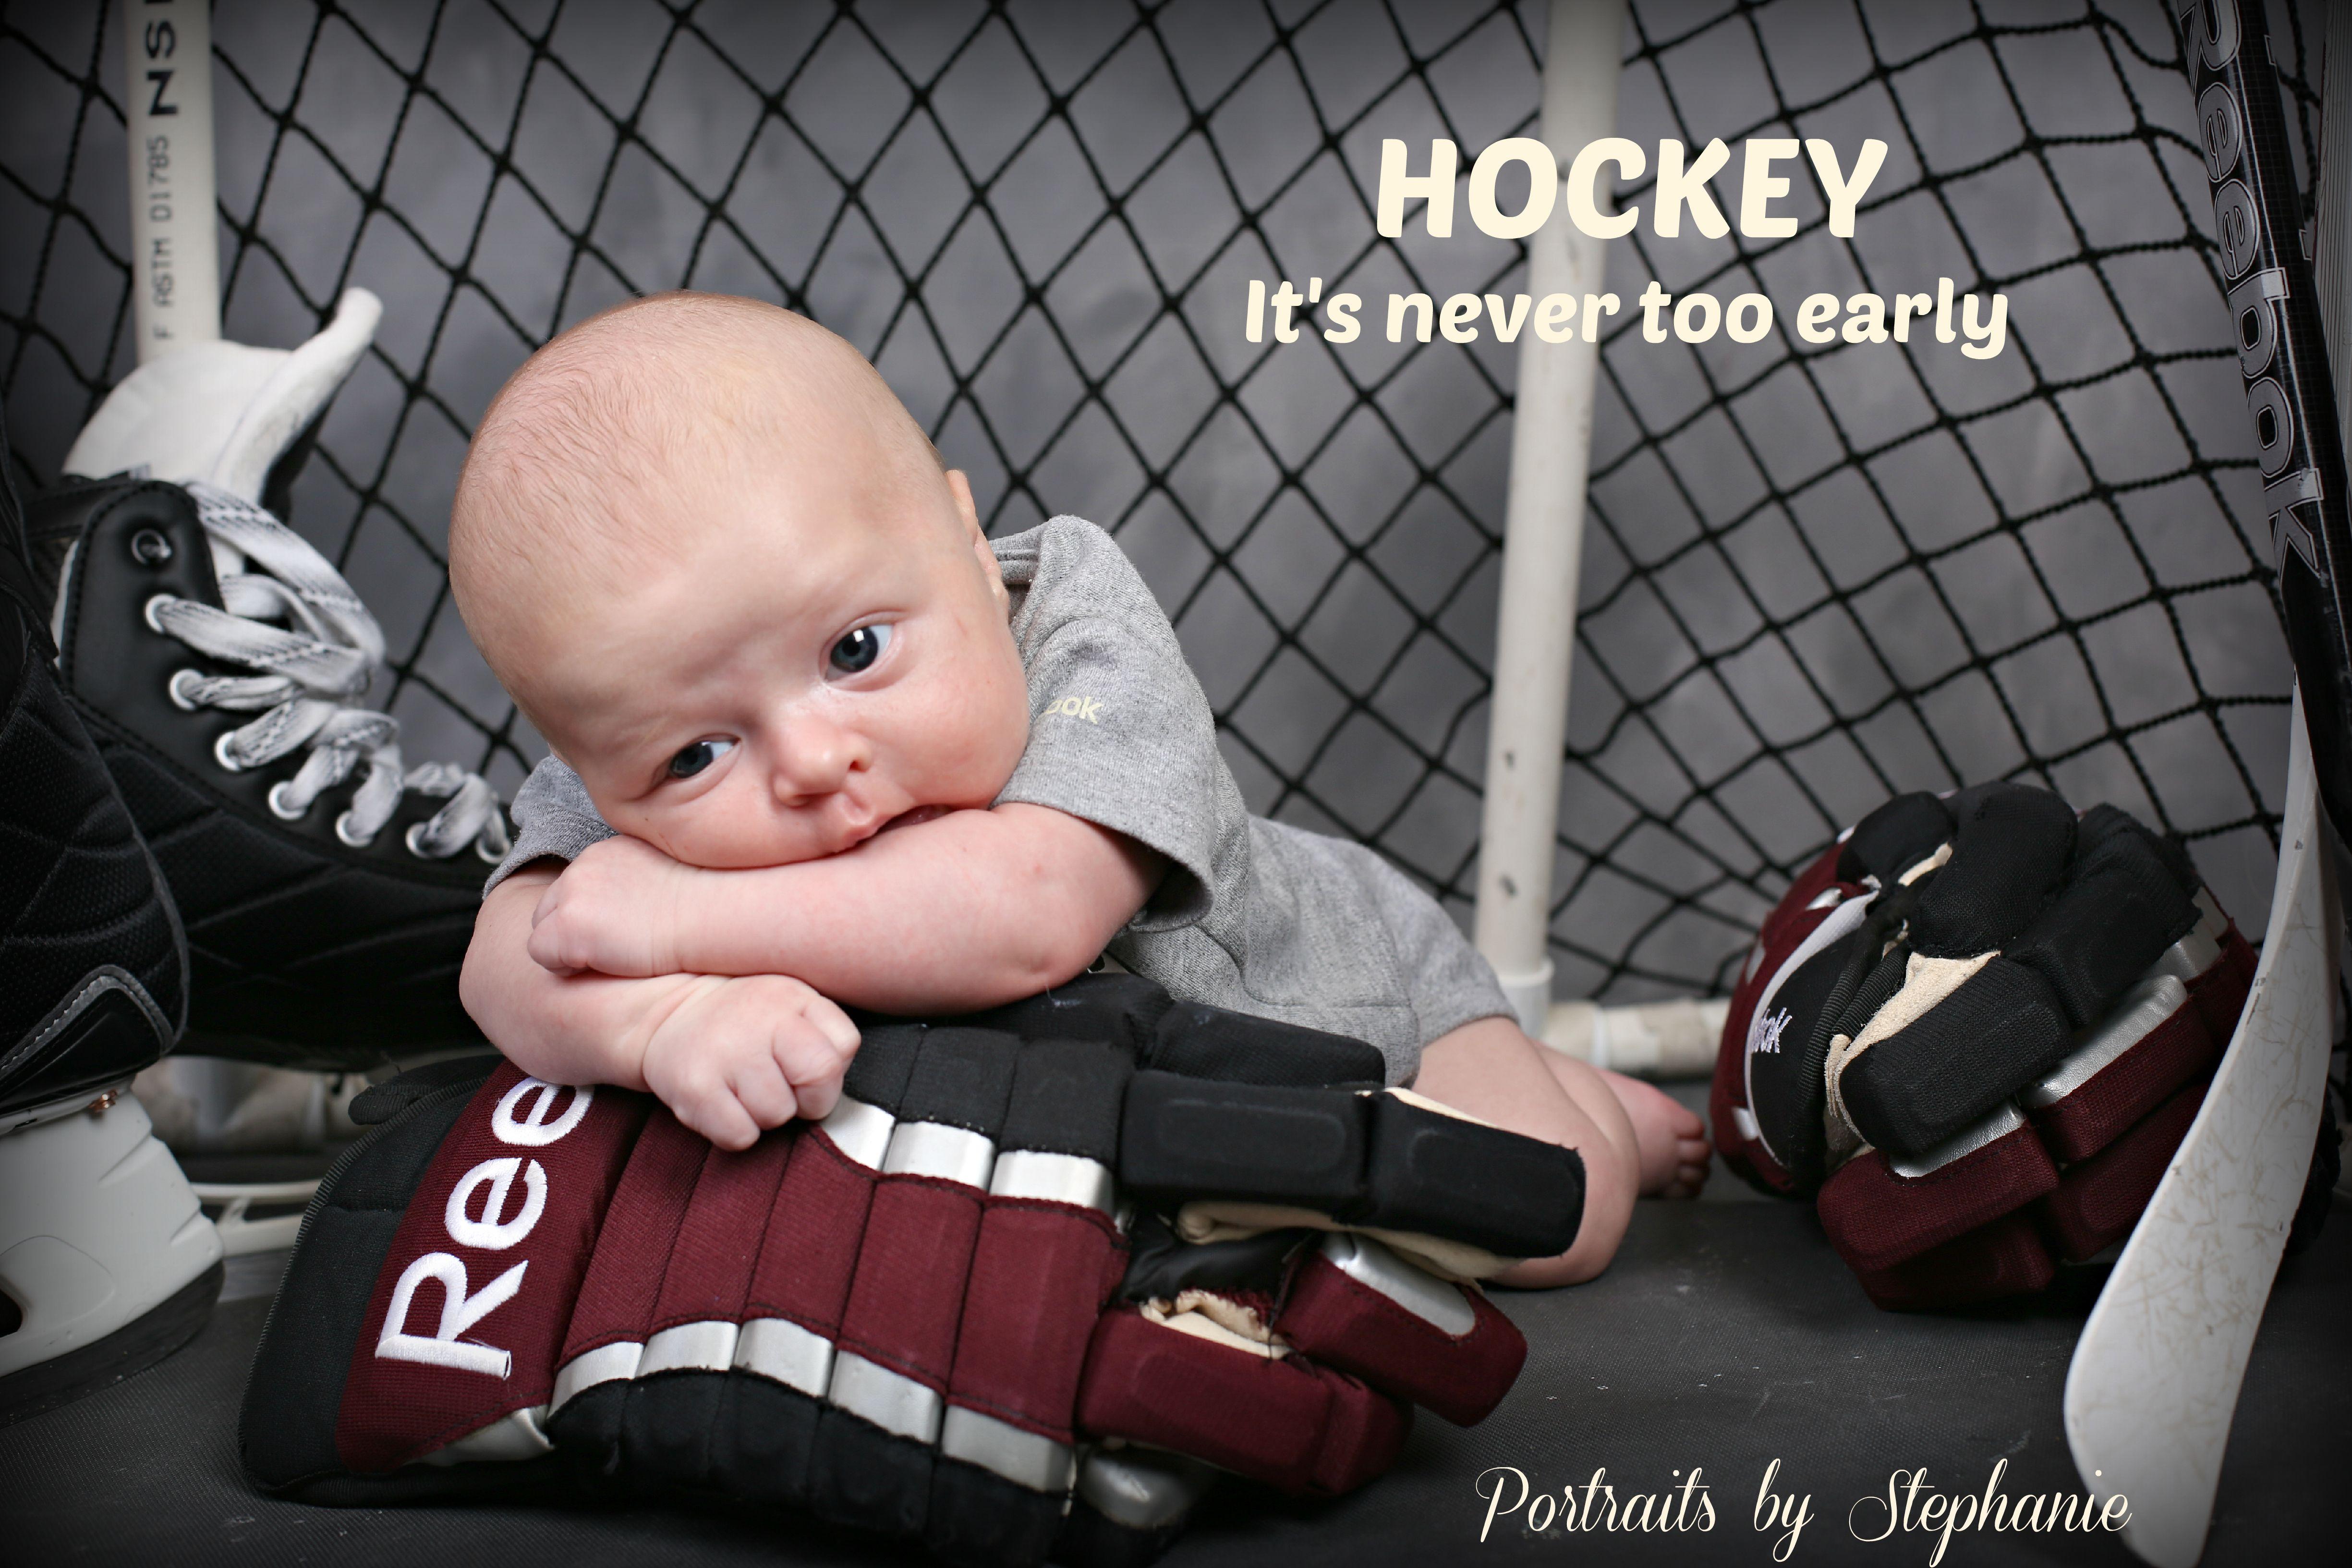 baby hockey fan portrait idea | Portraits by Stephanie MY ...